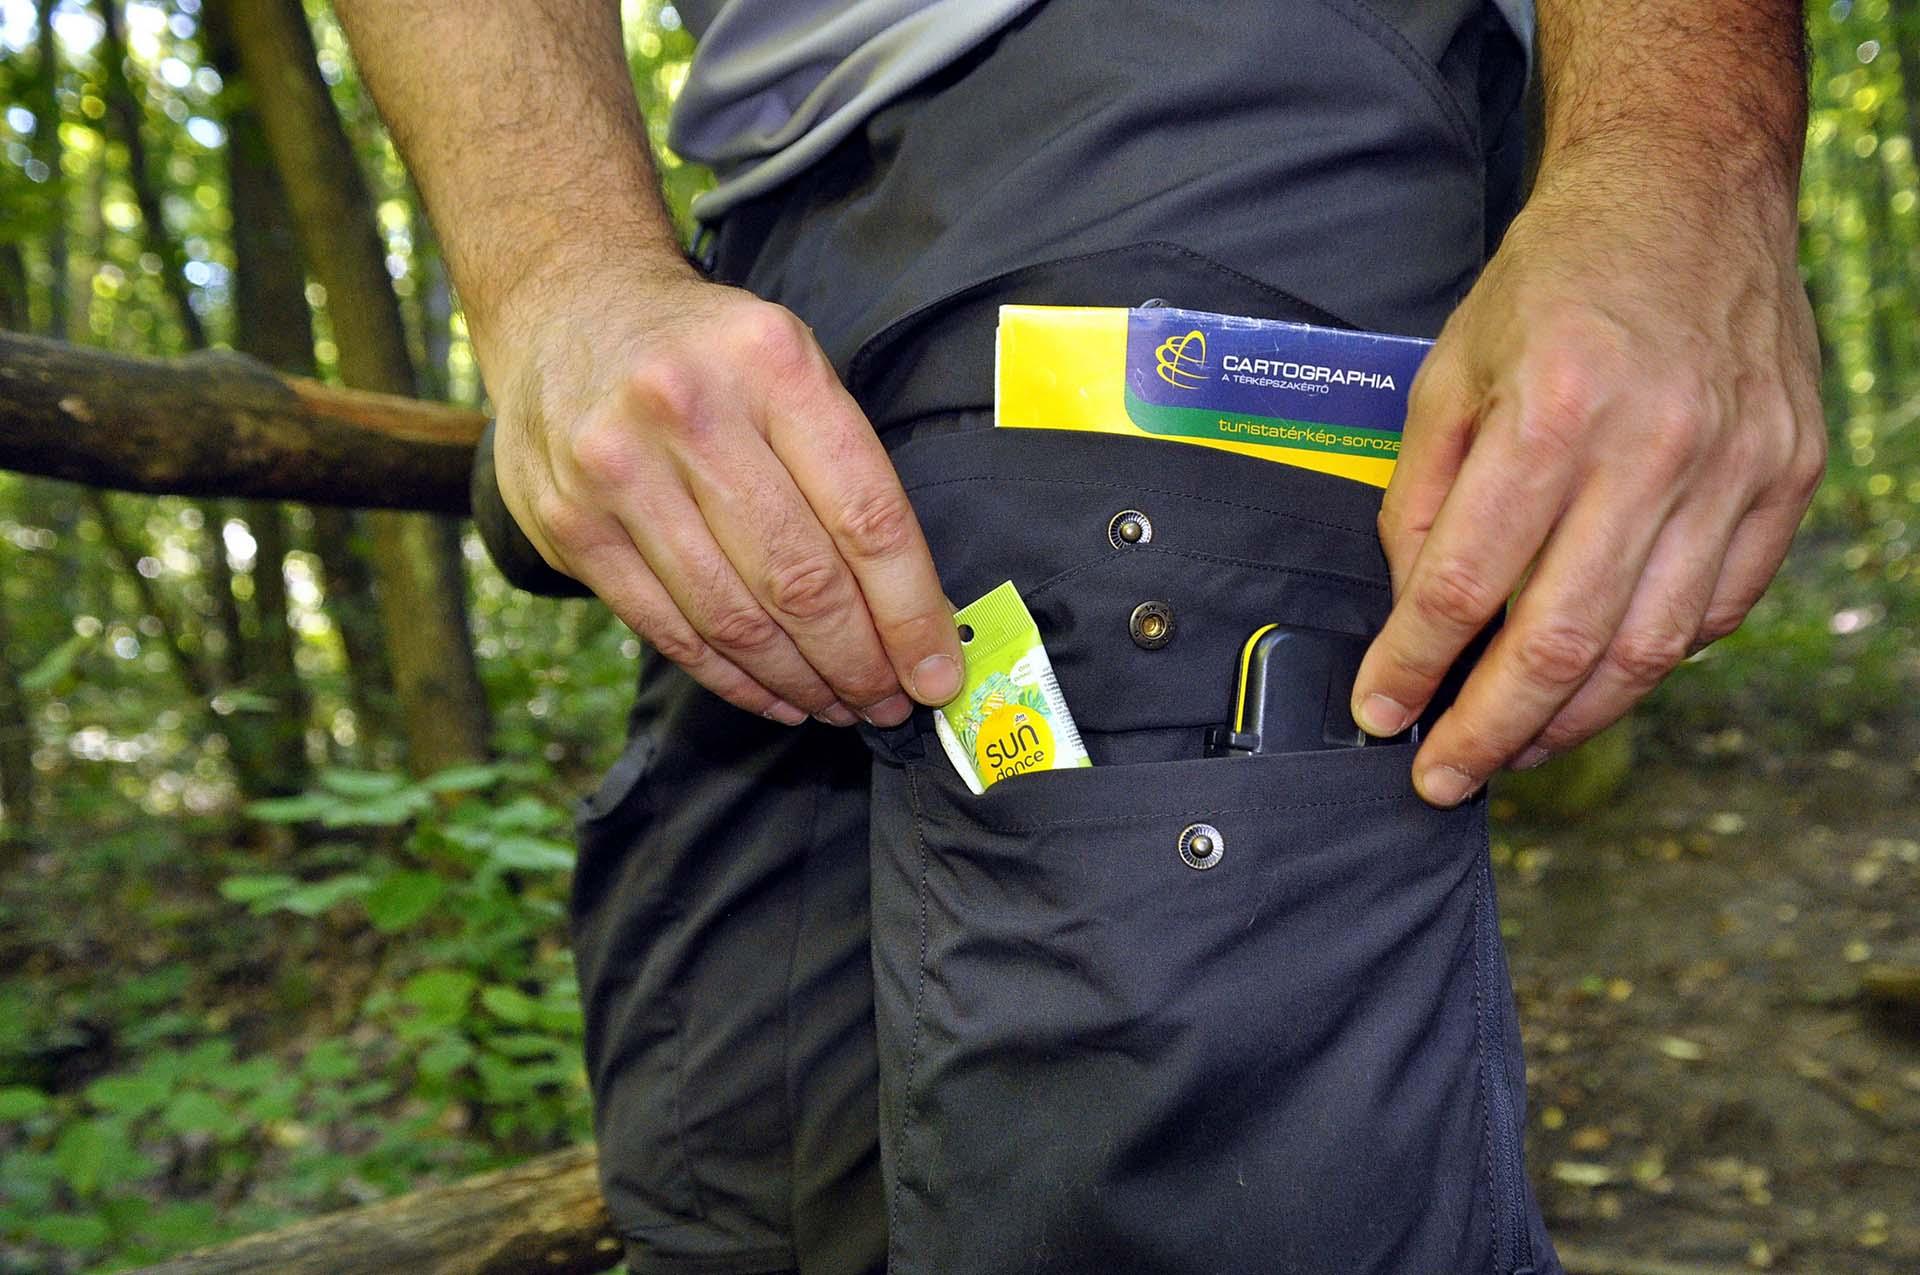 Fjallraven Vidda Pro Ventillated nadrág teszt, avagy mitől más egy 160 euros termék?-8